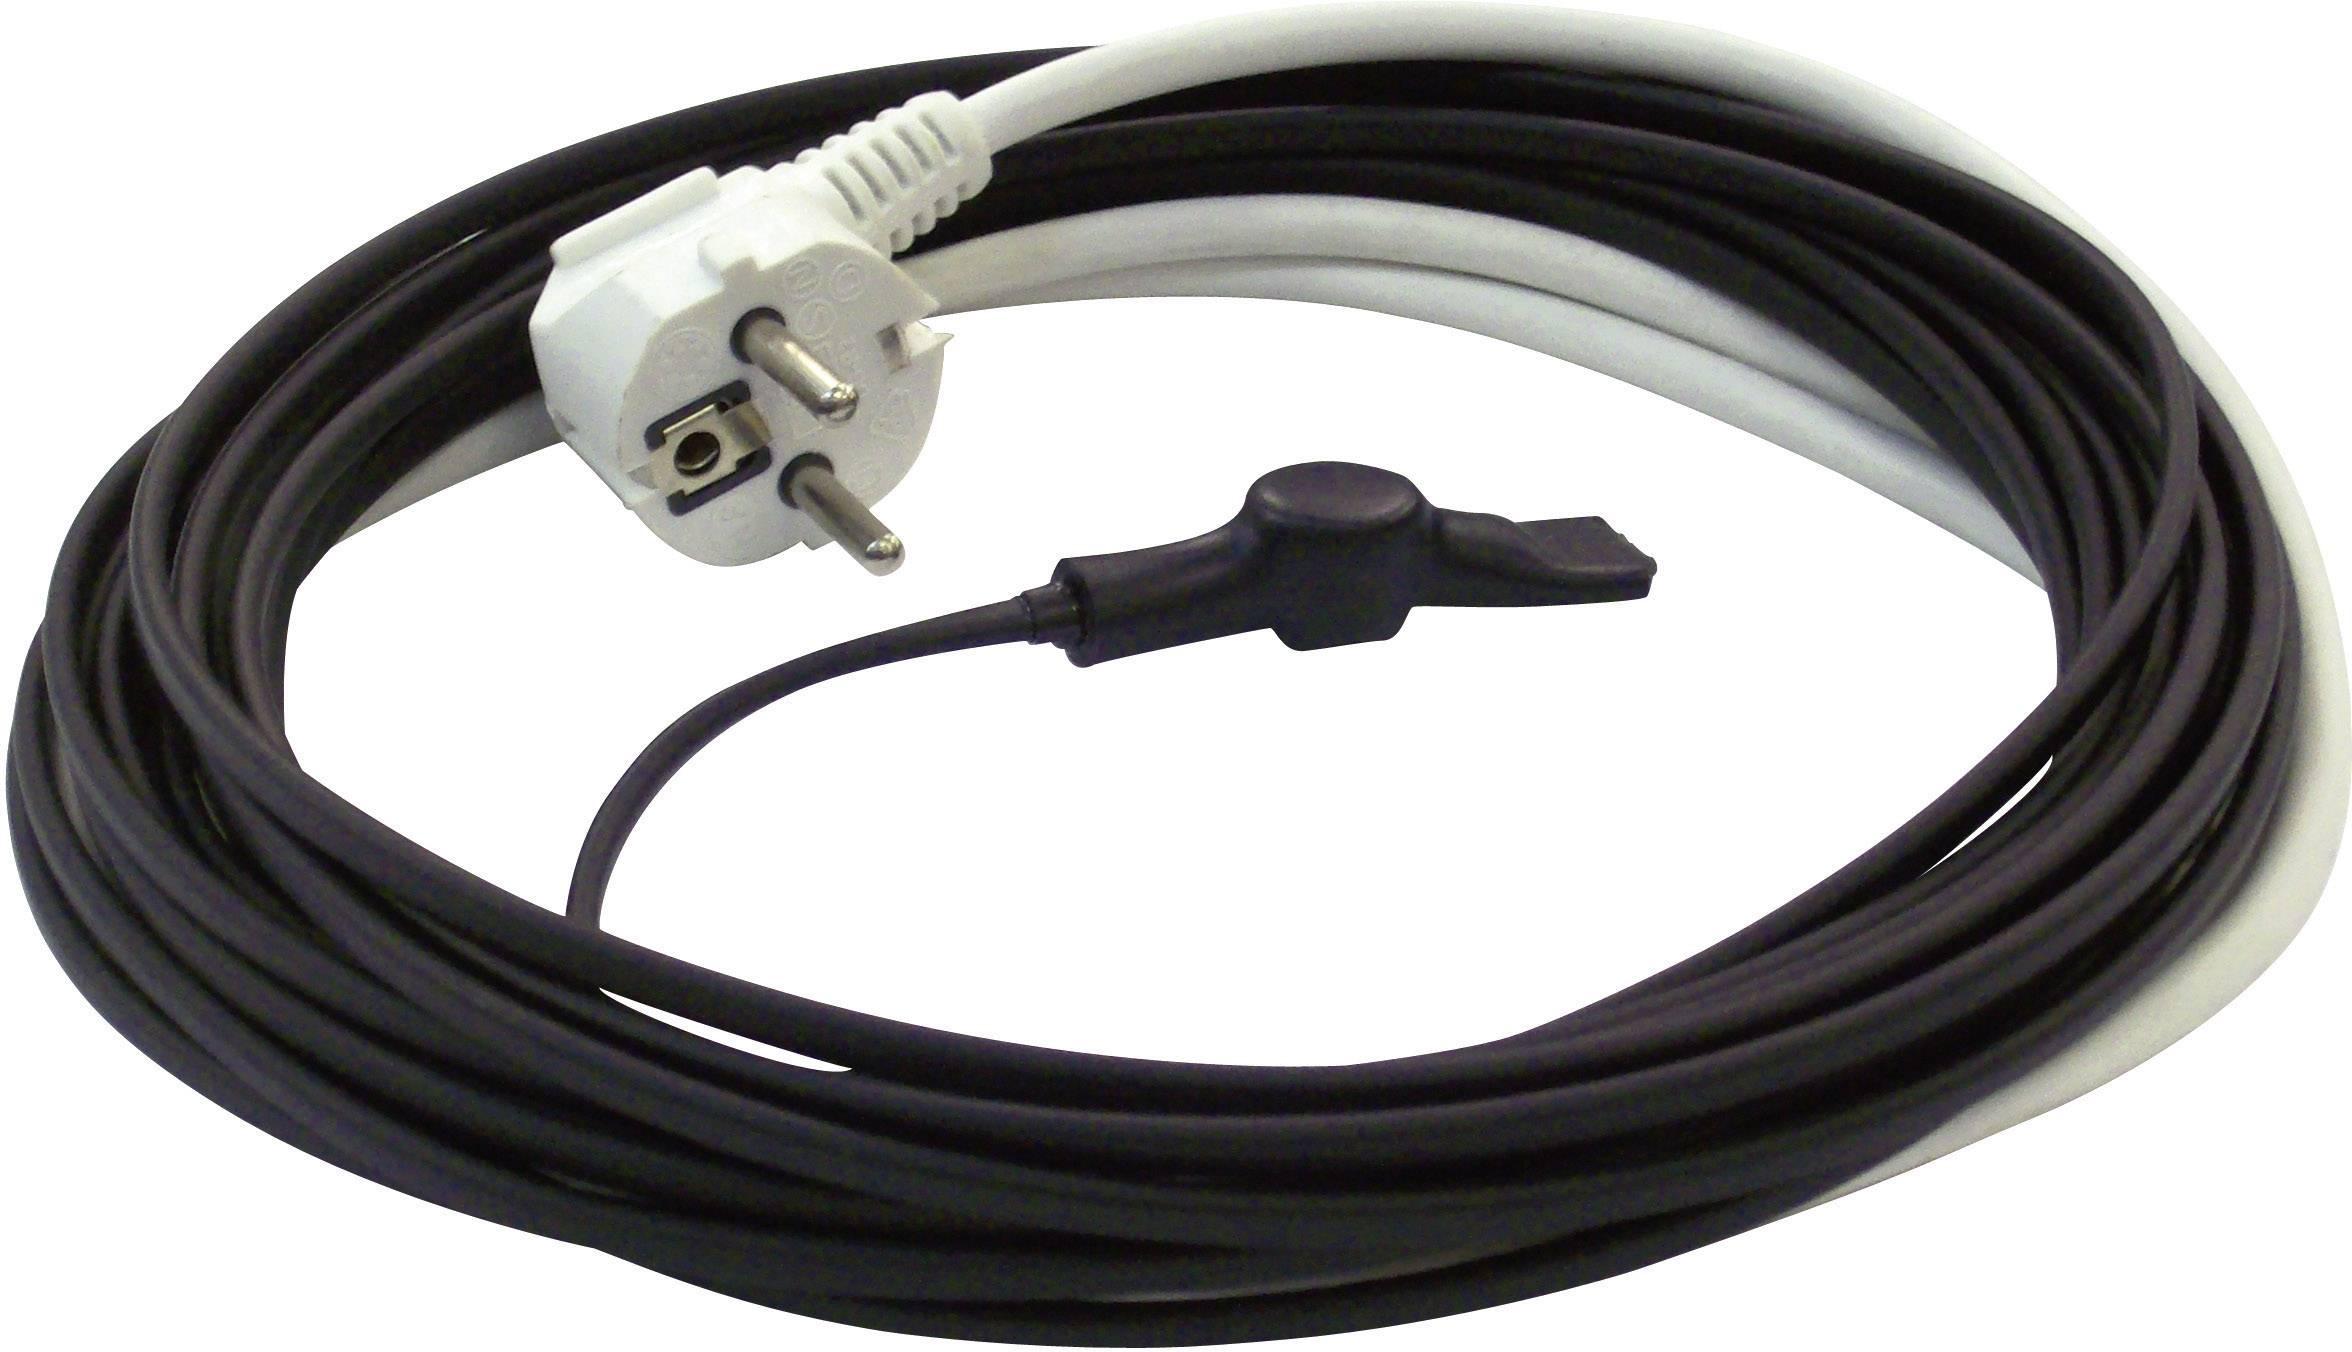 Vykurovací kábel s ochranným termostatem Arnold Rak HK-12,0-F, 180 W, 12 m